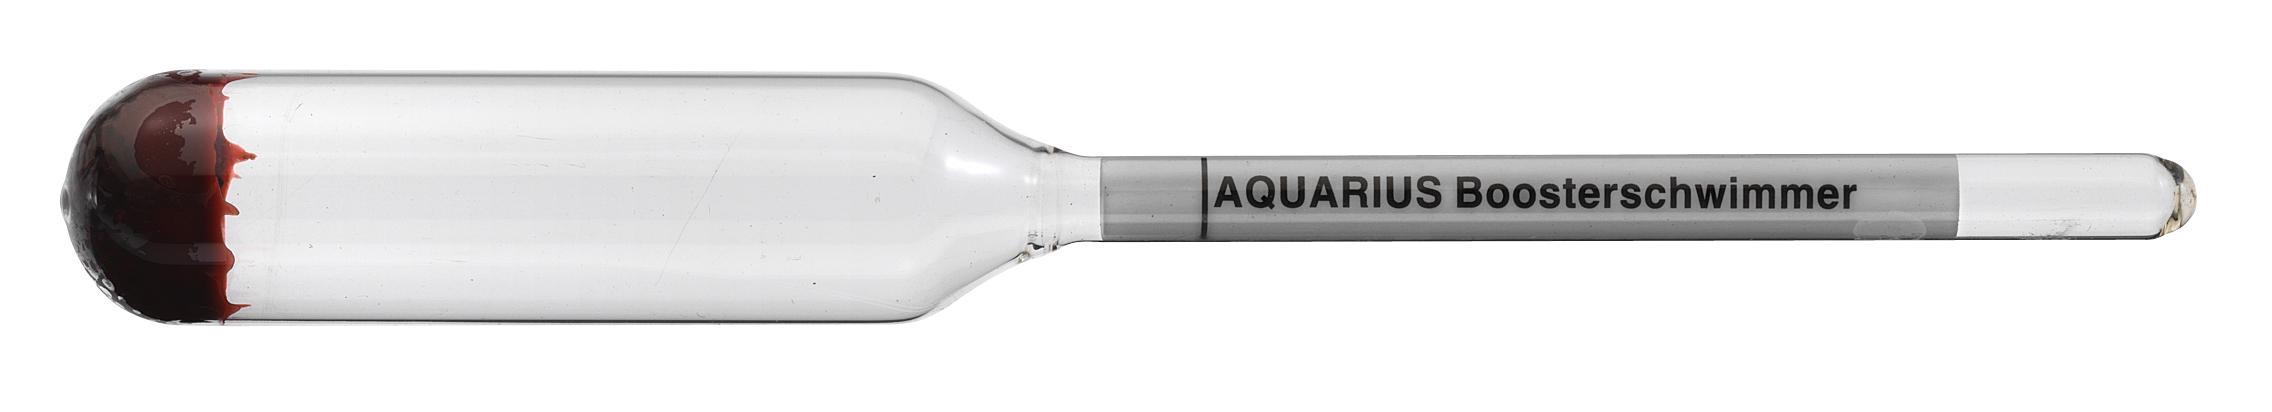 Füllstandschwimmer für den Booster Aquarius